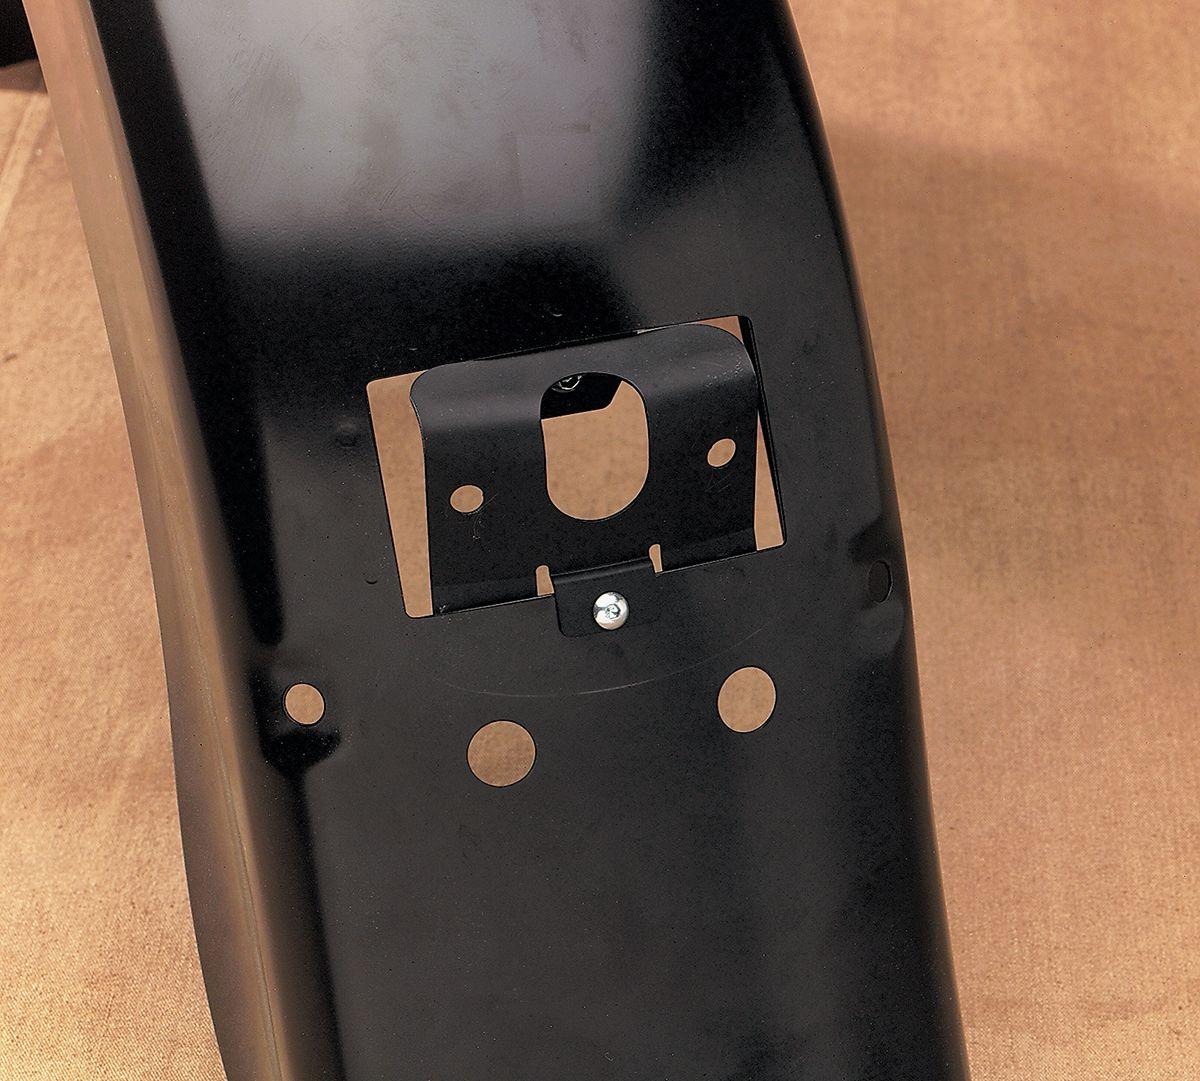 【Drag Specialties】尾燈/ 轉接座支架 99-08用 【99-08 TAILLT ADAPTER BRKT [DS-272049]】 - 「Webike-摩托百貨」